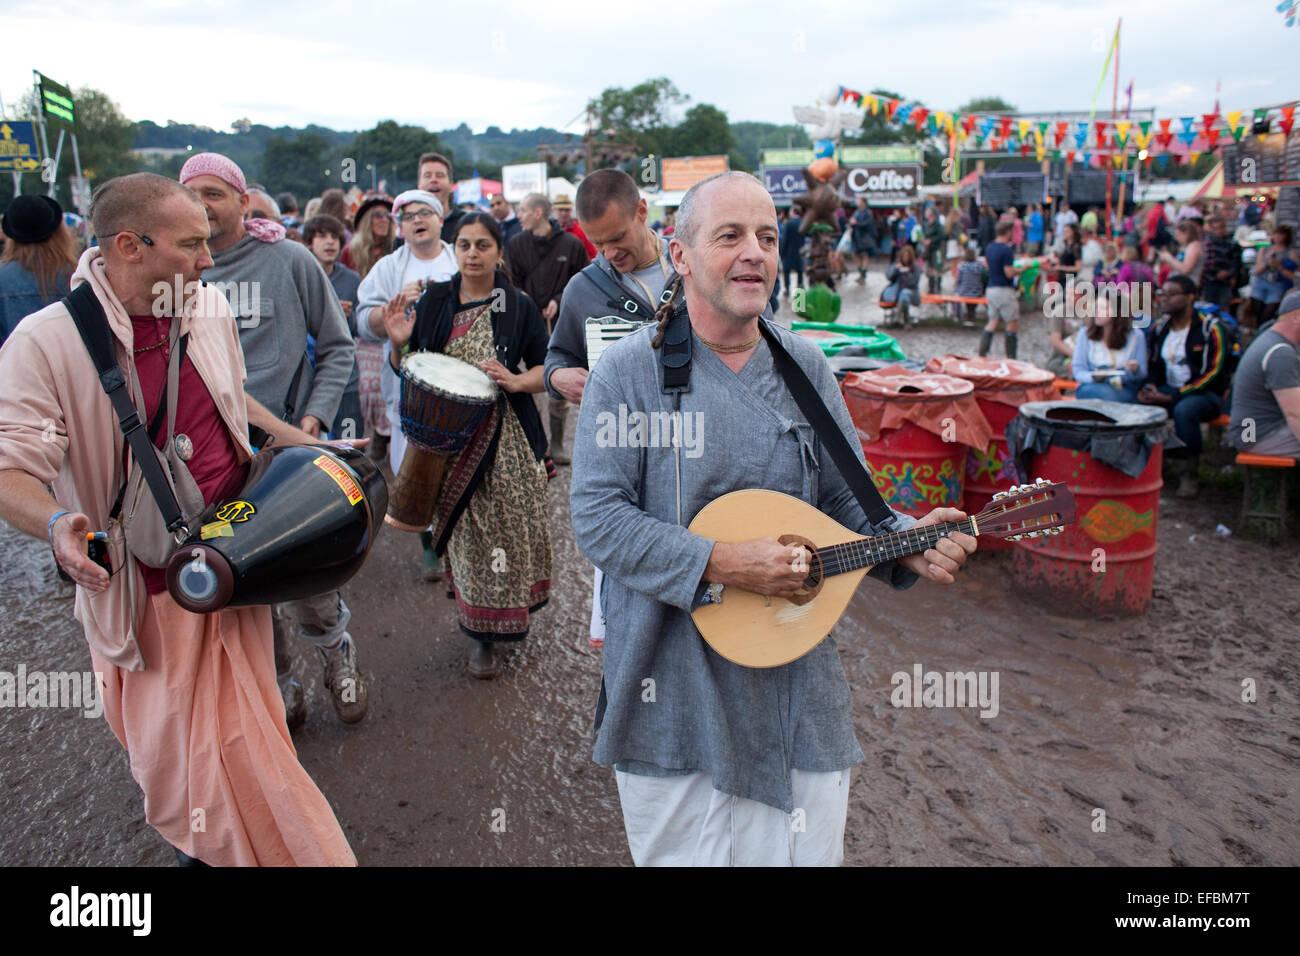 El 28 de junio de 2014. Hare Krishnas pasear por el festival el sábado por la tarde. Imagen De Stock